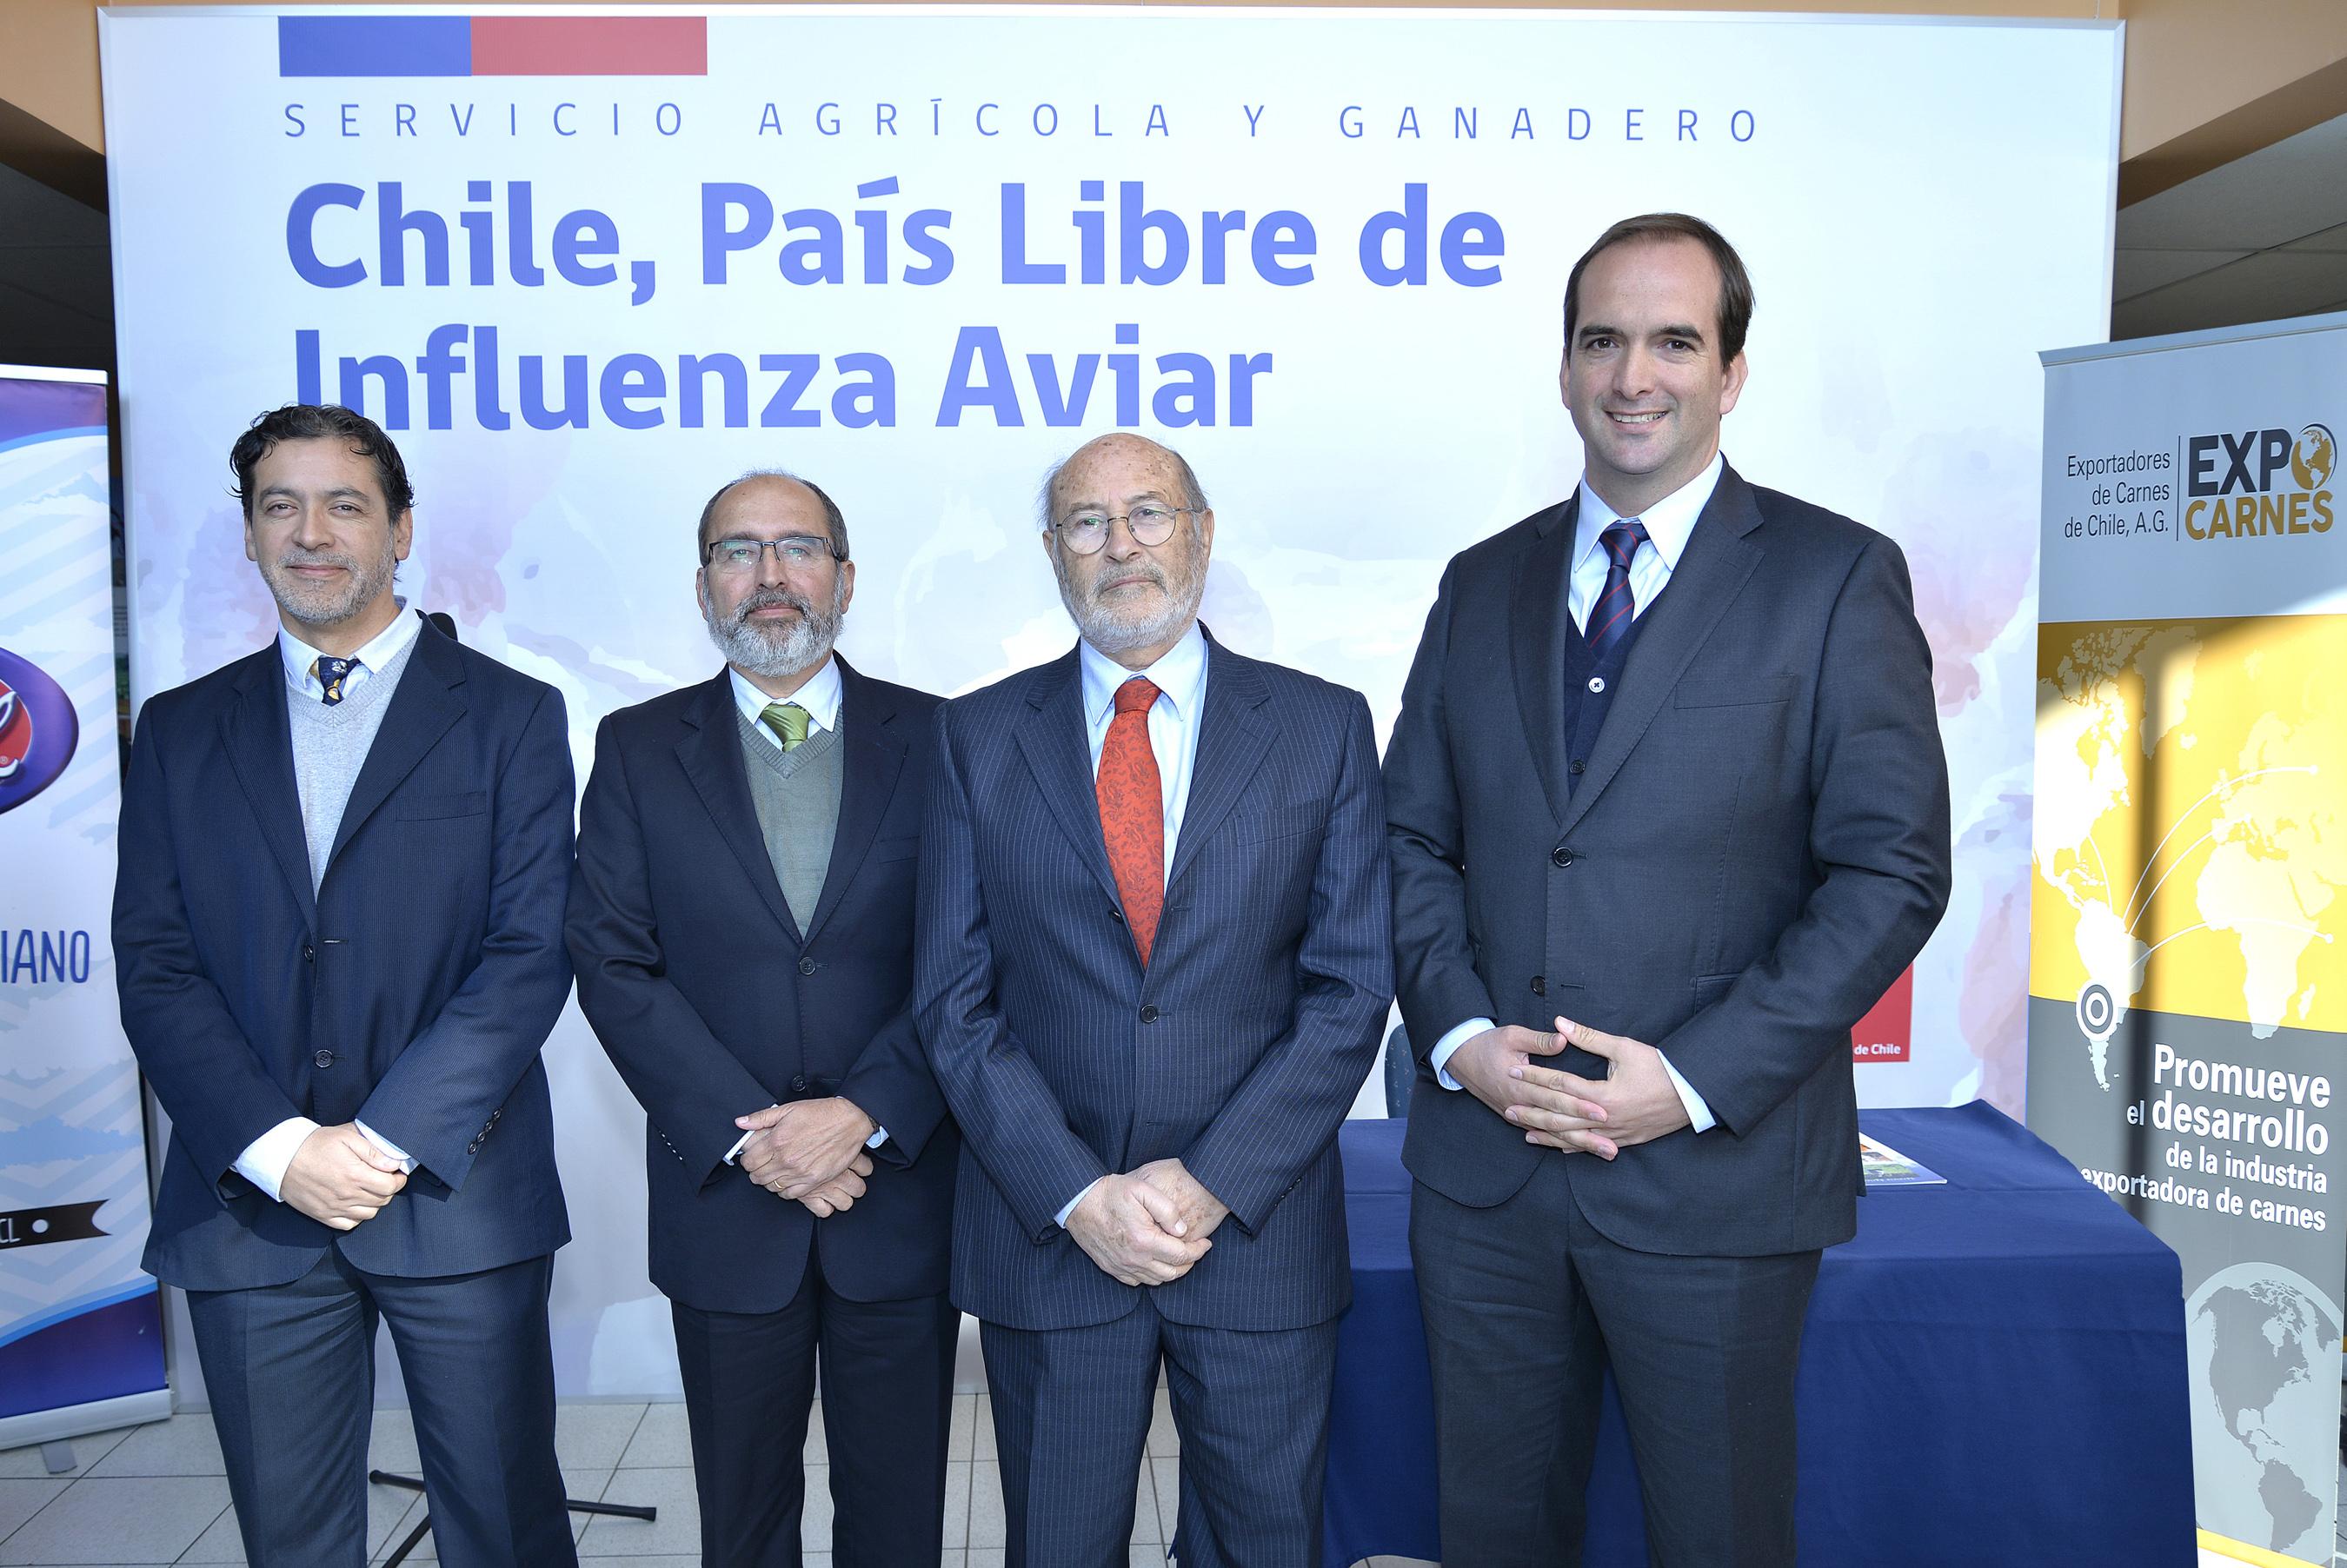 José Ignacio Gómez, Jefe de la División Pecuaria del SAG; Juan Jorge Enríquez, gerente general de Sopraval; Juan Carlos Domínguez, Presidente Ejecutivo de ExpoCarnes, y Ángel Sartori, Director Nacional del SAG.